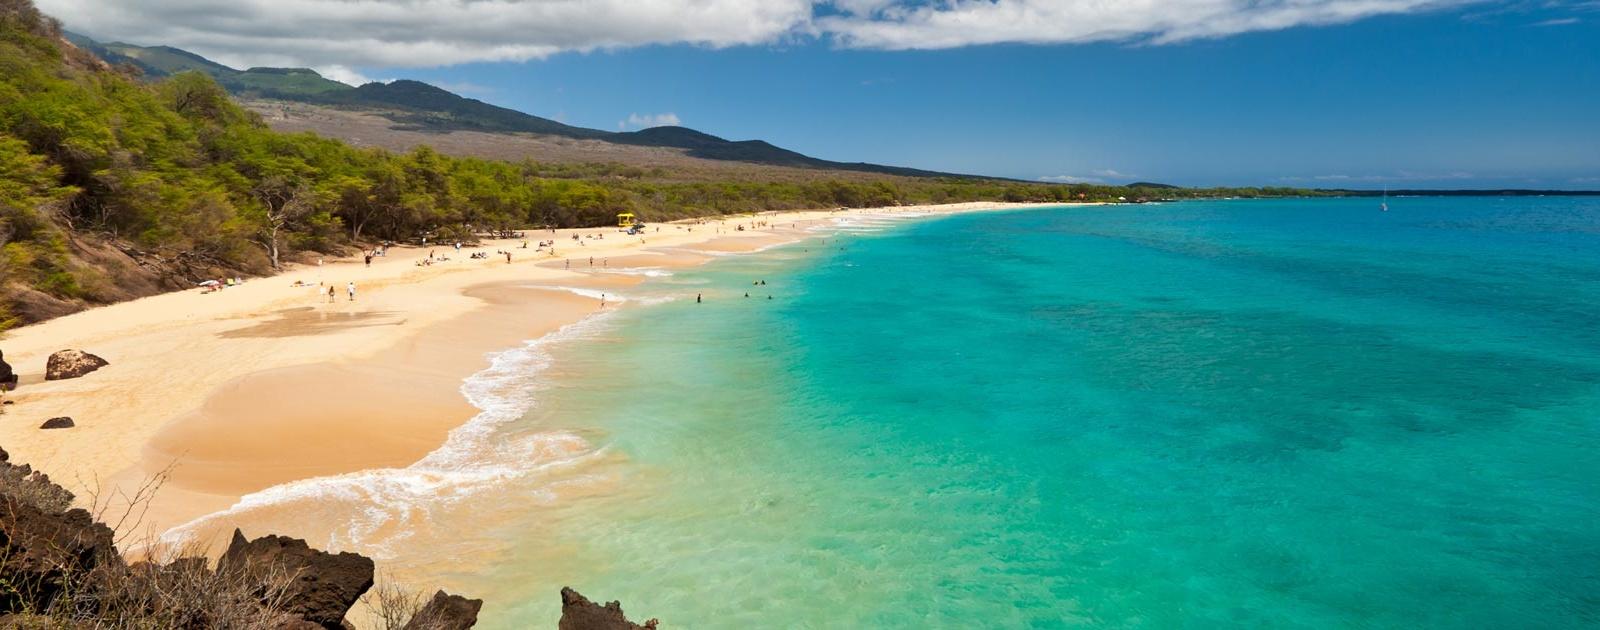 Αποτέλεσμα εικόνας για Maui Hawaii